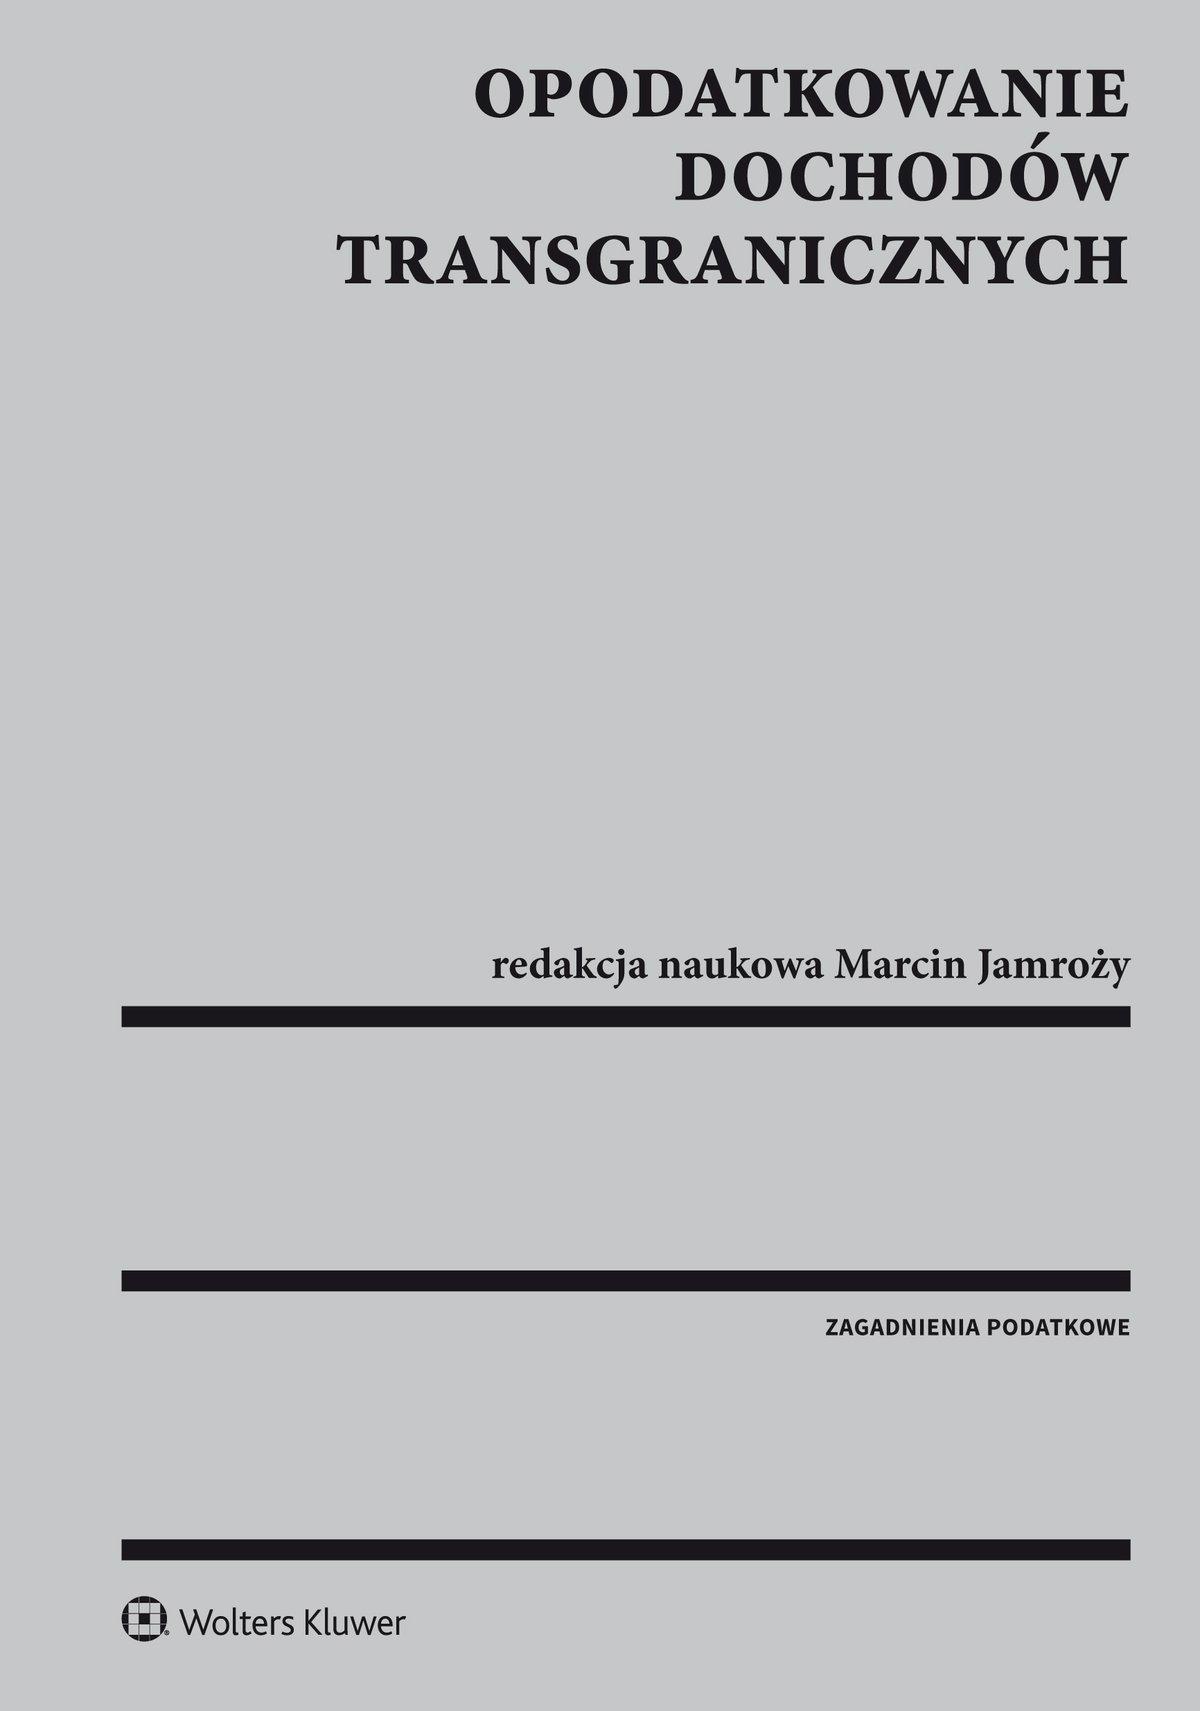 Opodatkowanie dochodów transgranicznych - Ebook (Książka PDF) do pobrania w formacie PDF